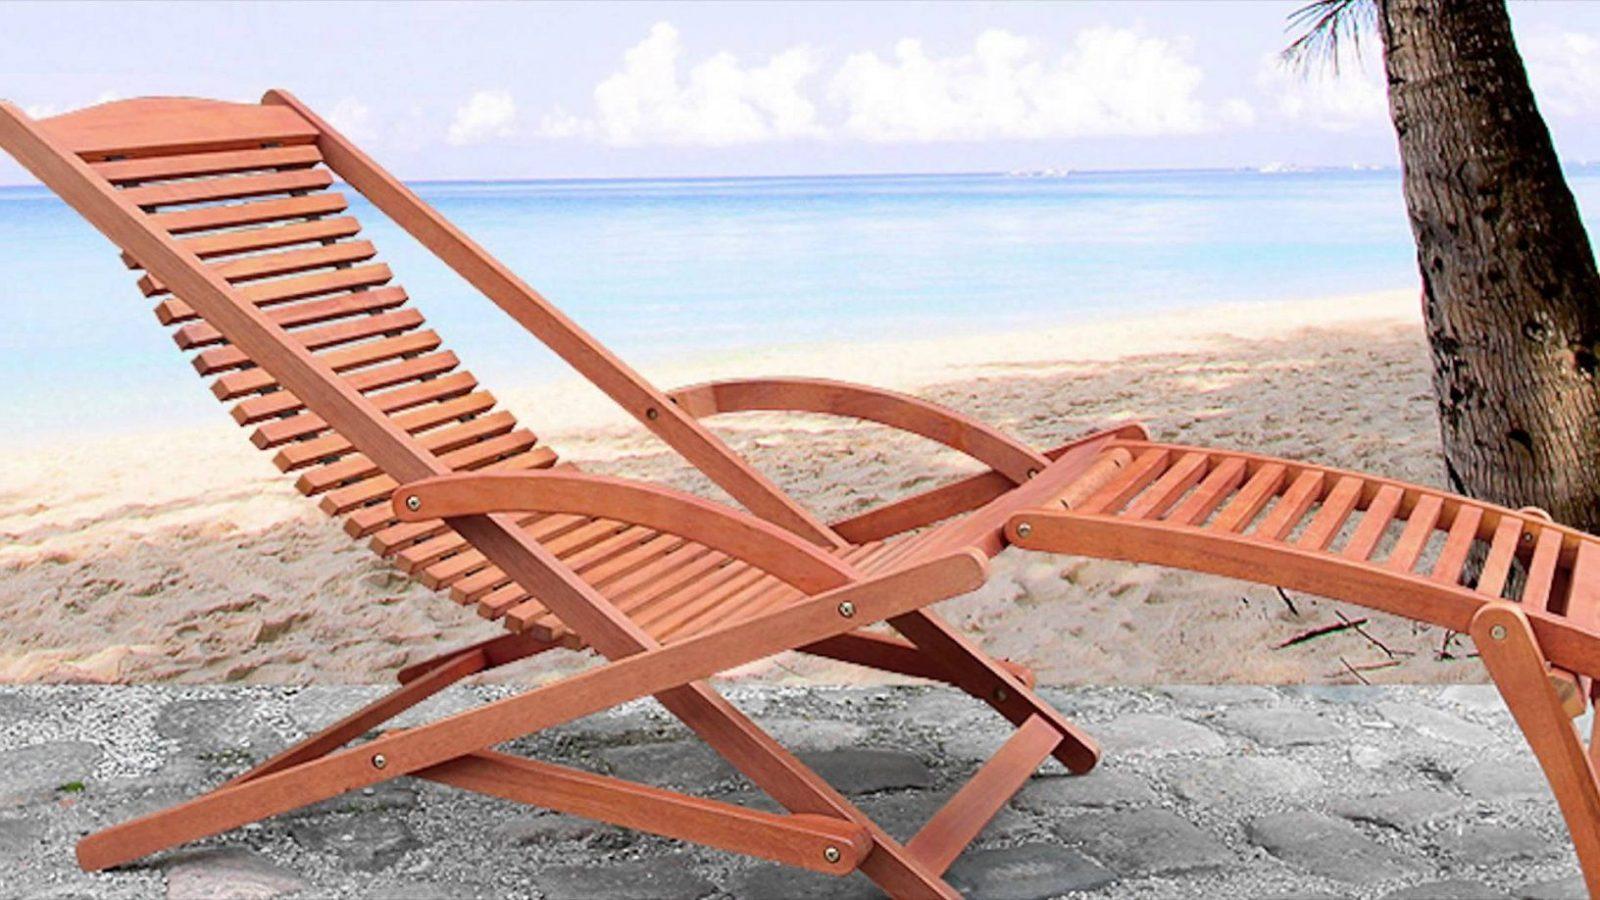 Gartenliege Selber Bauen Groe Lounge Liege Fr Den Garten Aus von Schaukelliege Holz Selber Bauen Photo